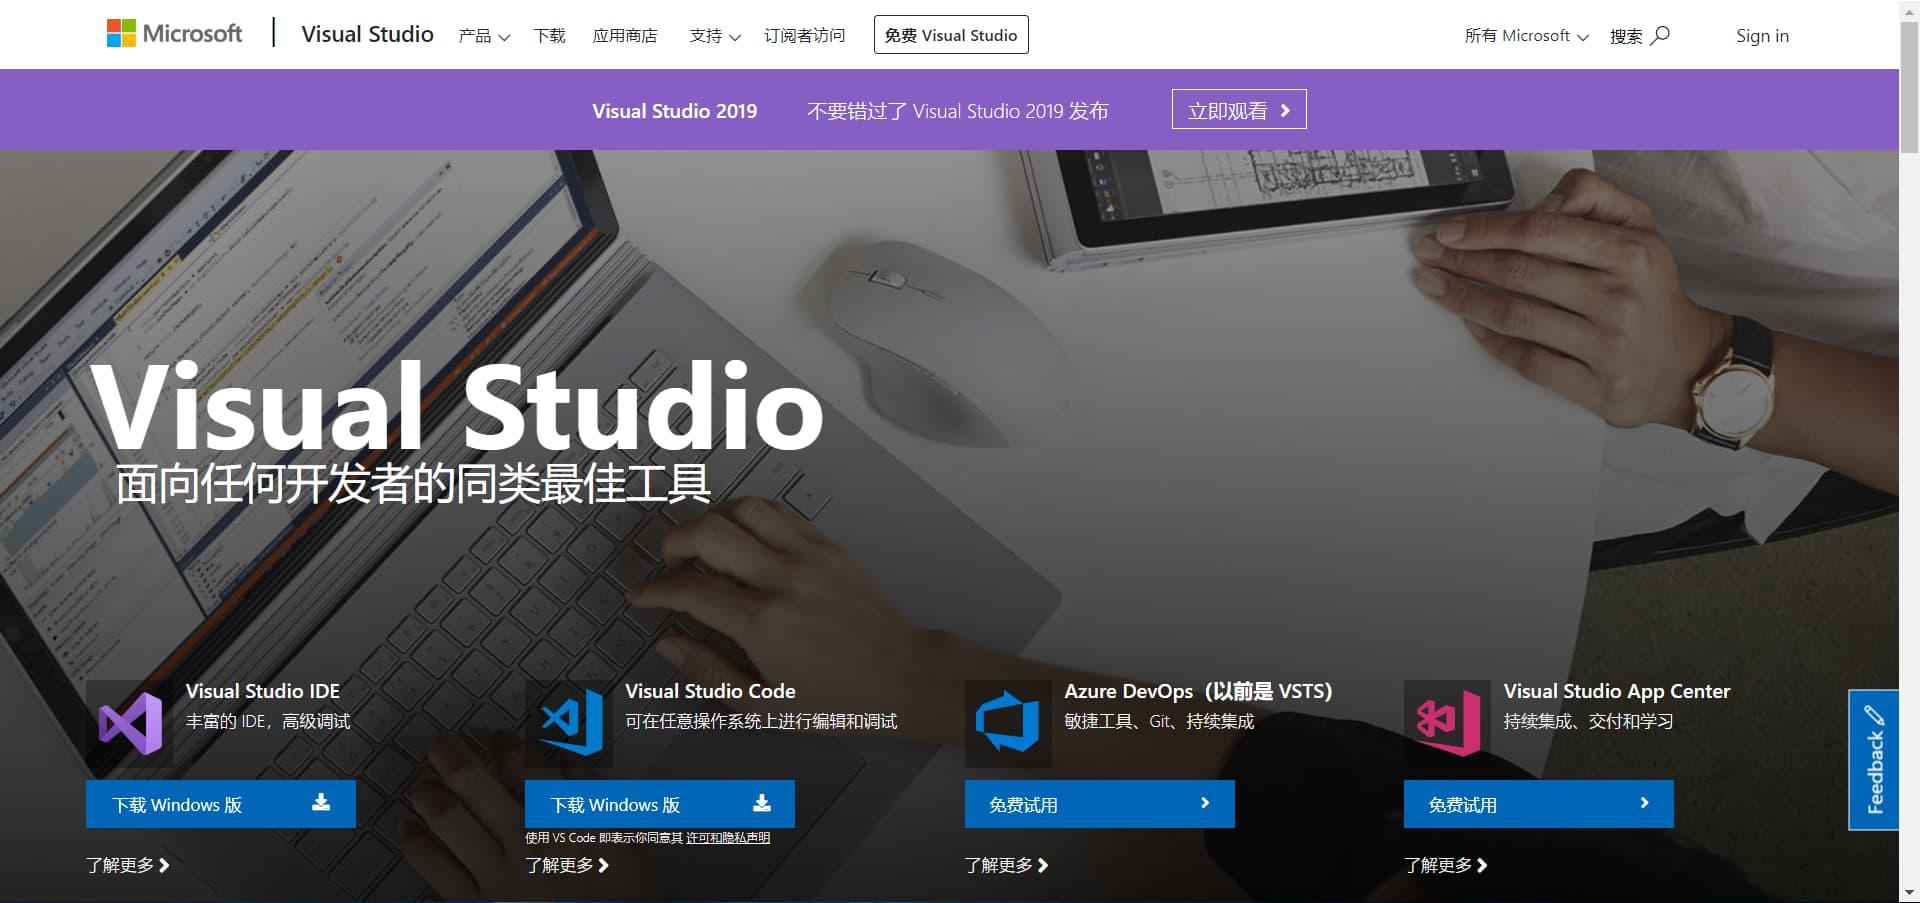 汇总Visual Studio 各个版本的激活码/序列号(2010-2019)